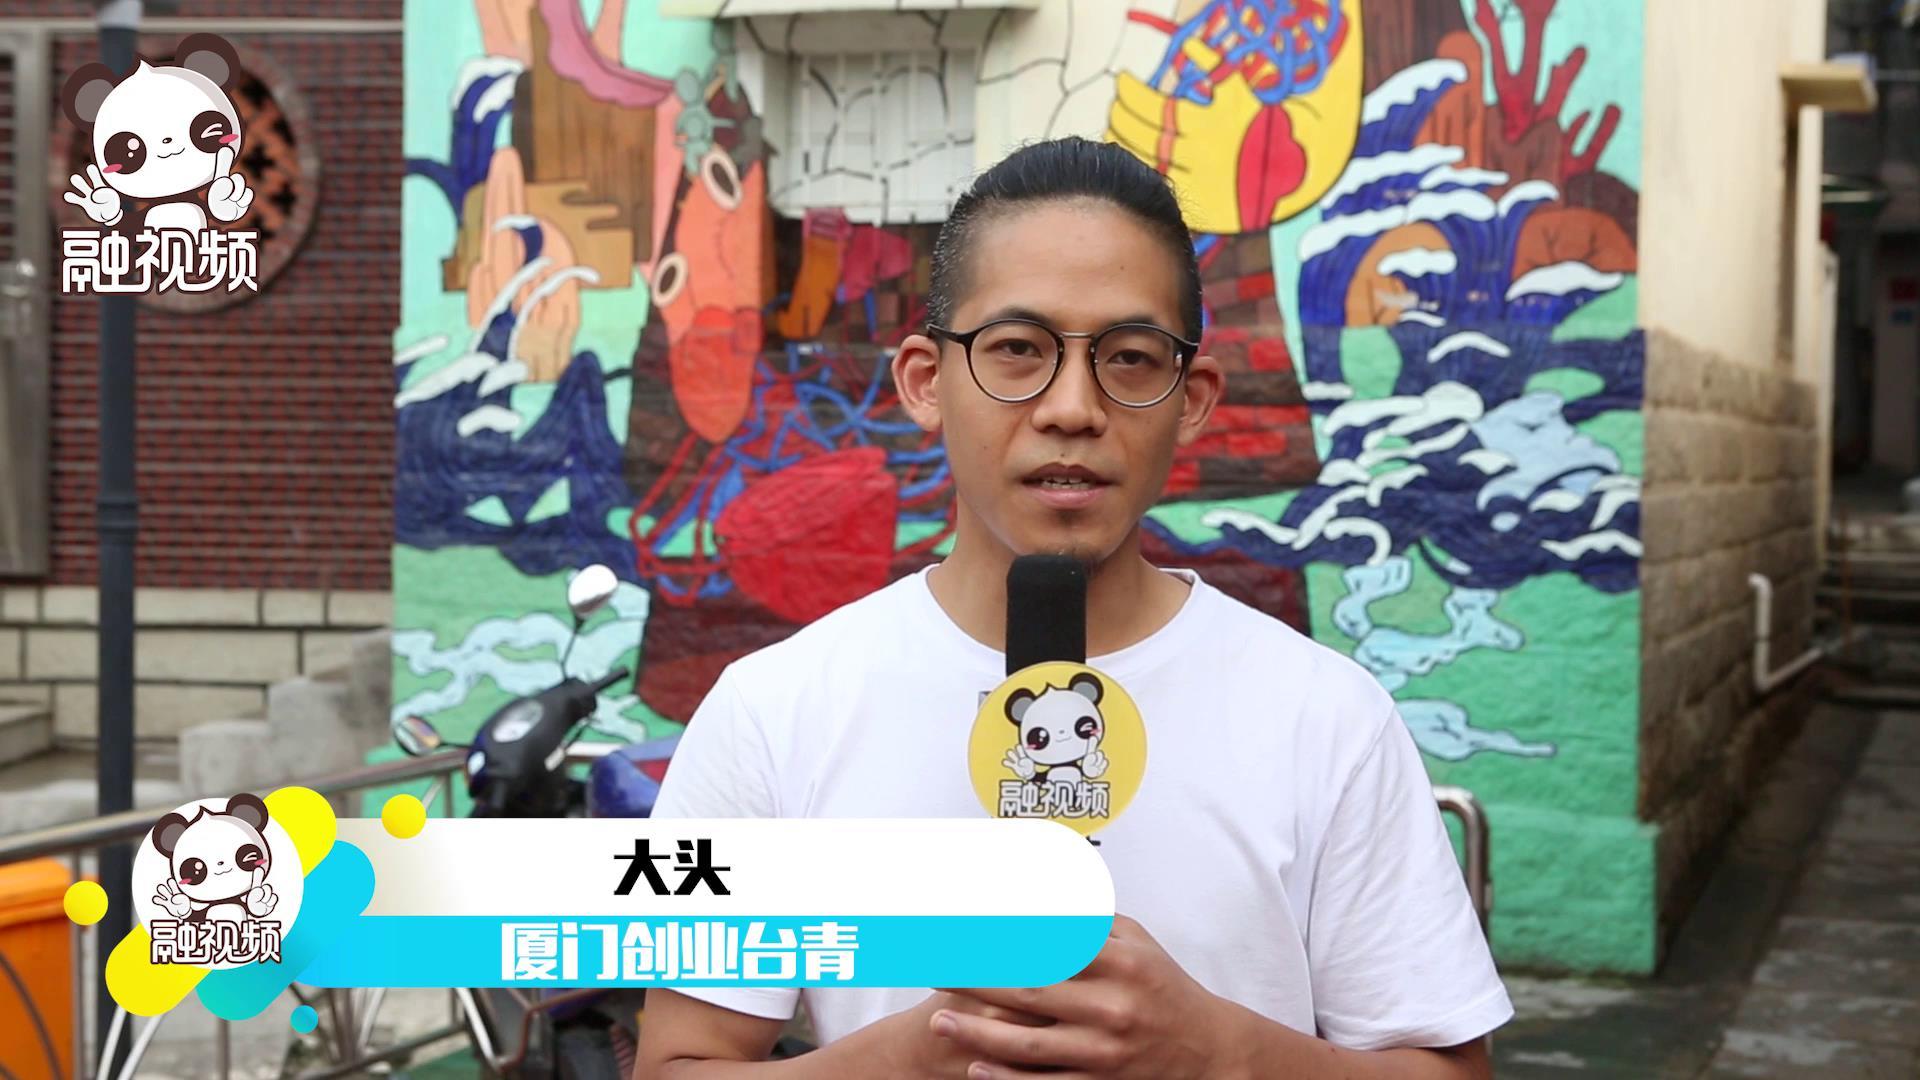 """【台湾创业青年:在大陆生活像坐高铁 感受到飞速发展】台湾创业青年大头在厦门集美大社做""""轻食""""餐饮,他很喜欢大社的感觉,和家乡高雄很像。他形容在大陆生活像做高铁,每天都能体会到高速的变化。图片"""